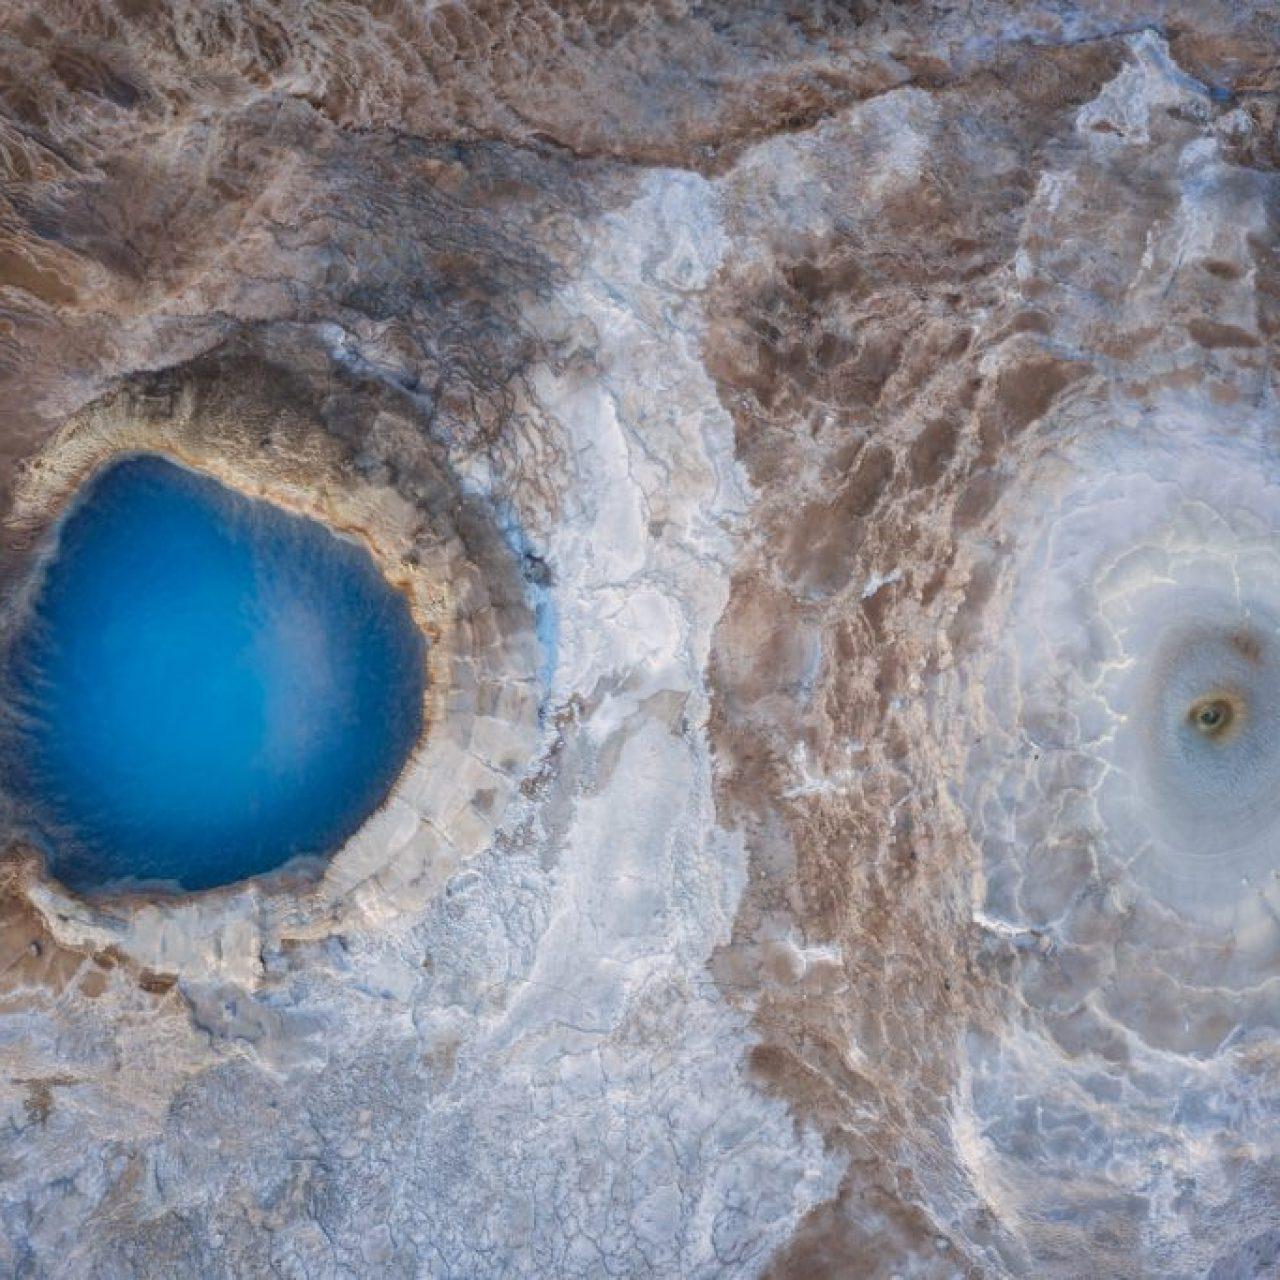 Vue aérienne des piscines géothermiques dans les hautes terres islandaises, photographie Kah-Wai Lin